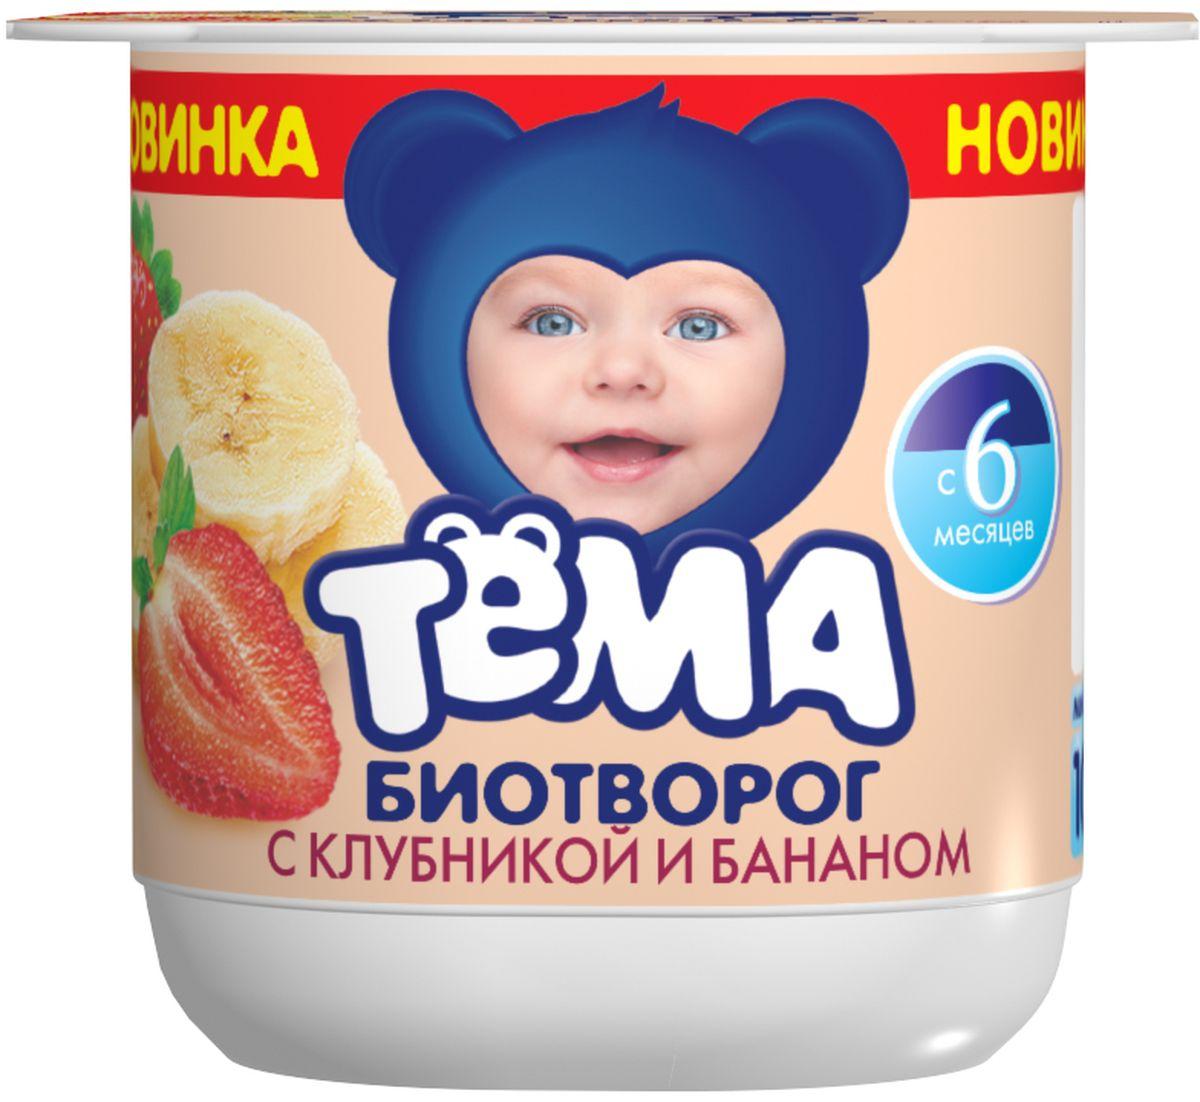 Биотворог детский Тёма Клубника-Банан, обогащенный бифидобактериями для детского питания.